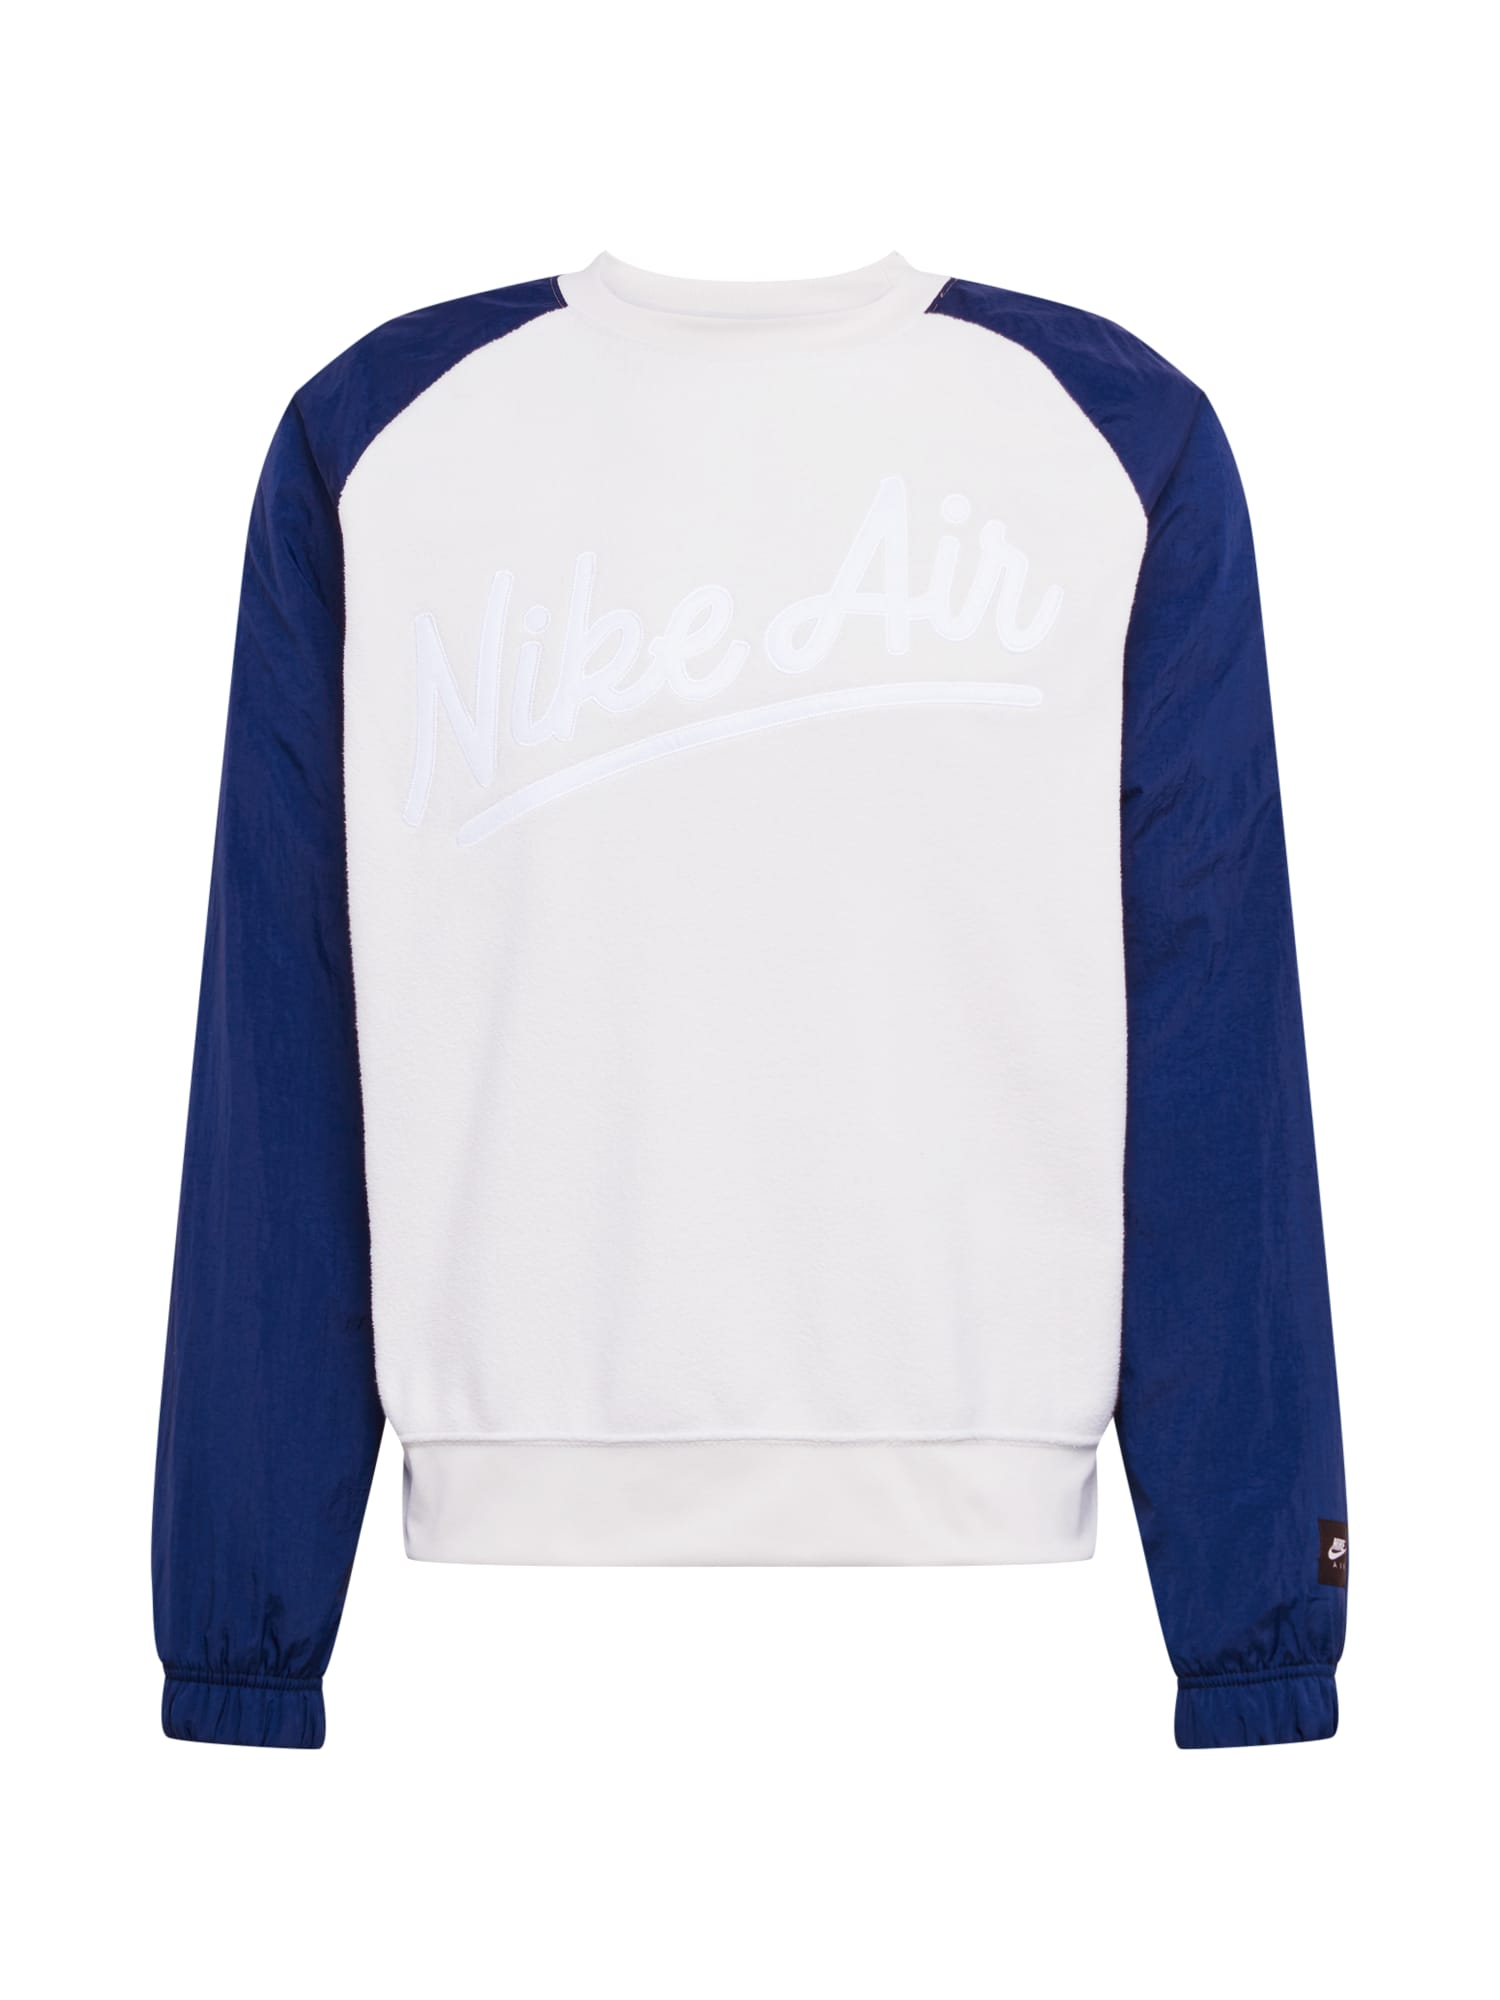 Nike Sportswear Mikina svetlosivá / zafírová